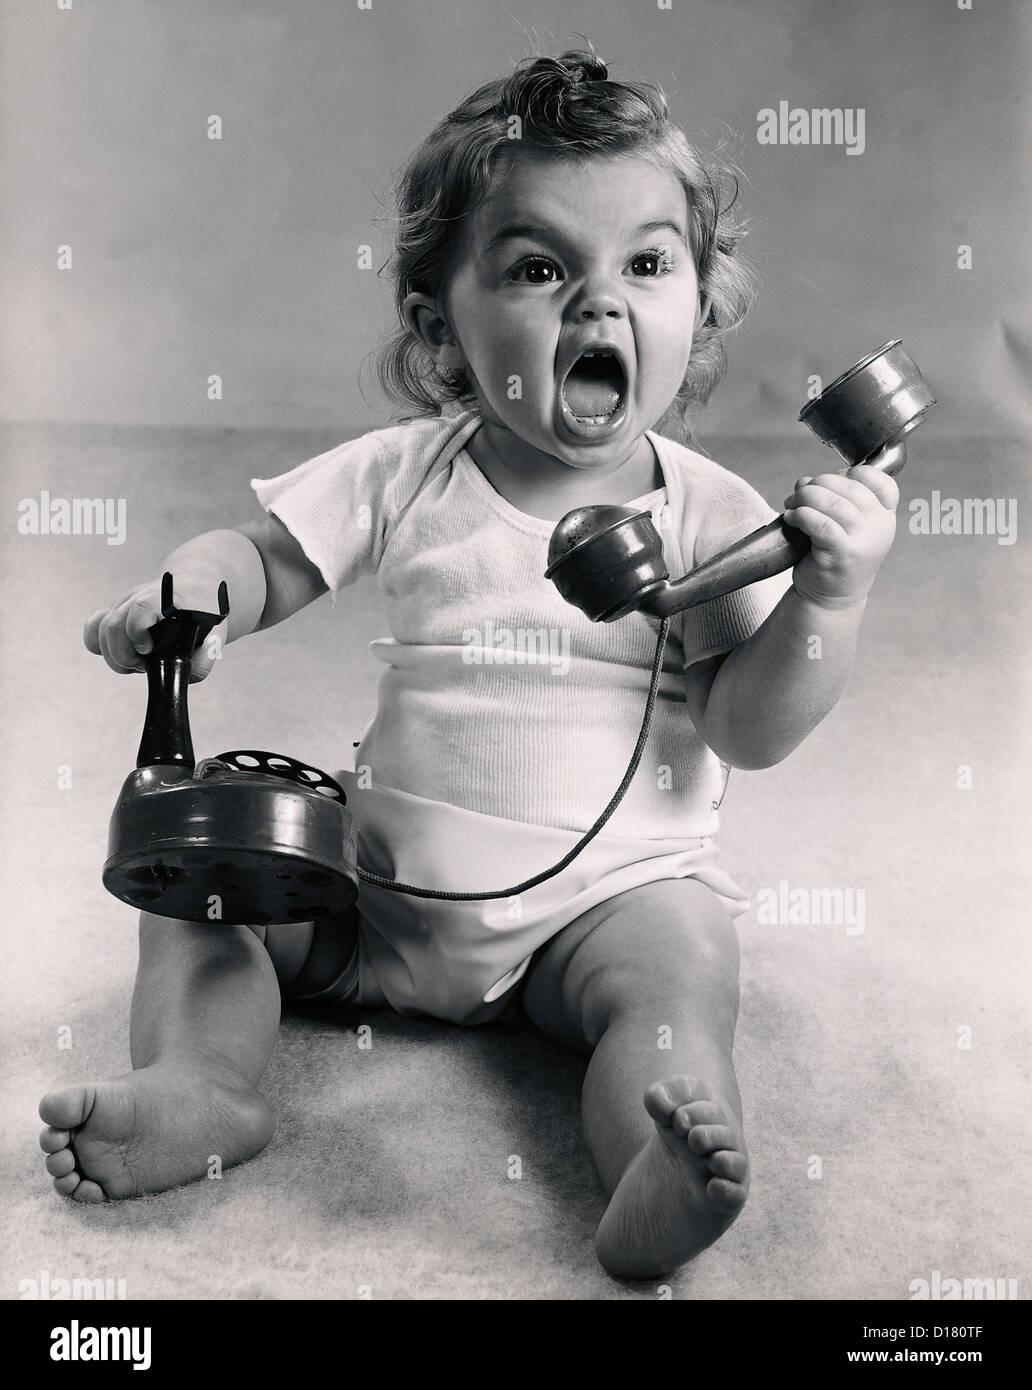 Vintage foto de bebé gritando con teléfono Imagen De Stock